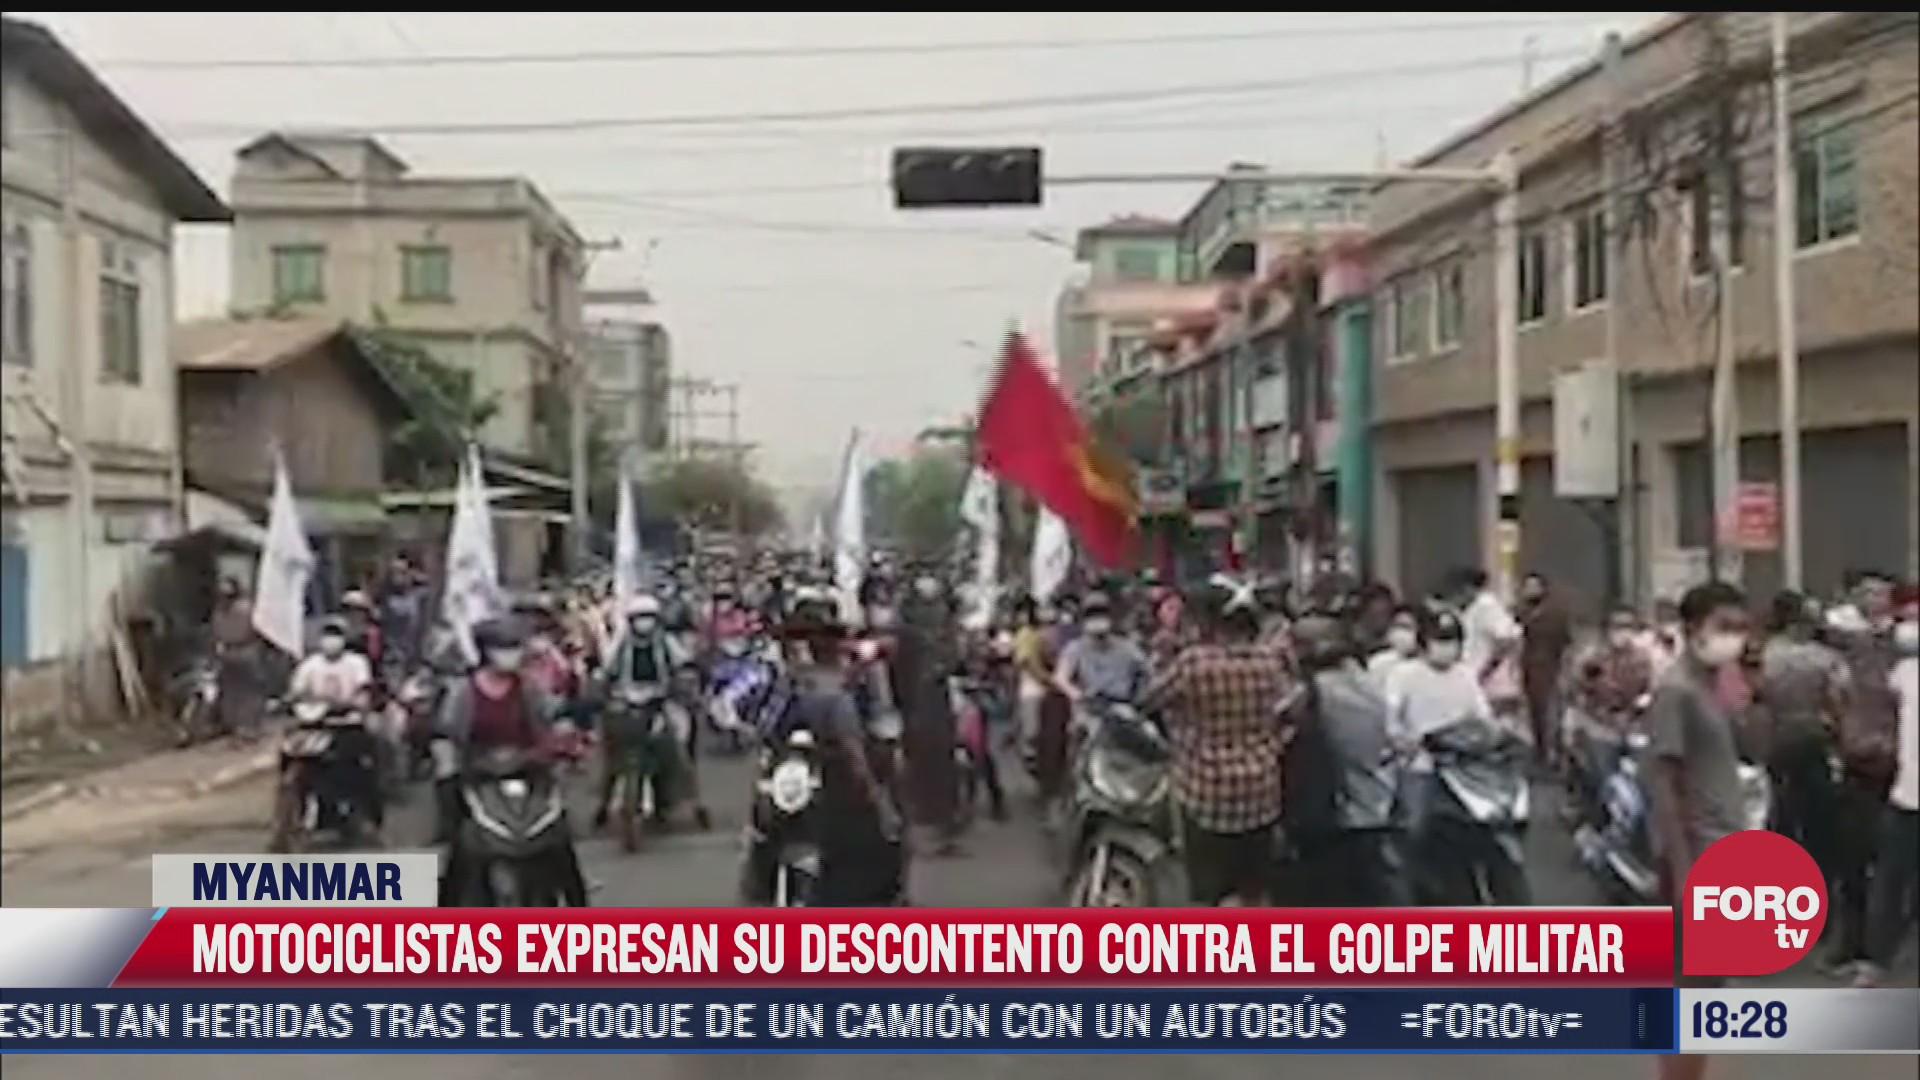 motociclistas expresan su descontento en myanmar